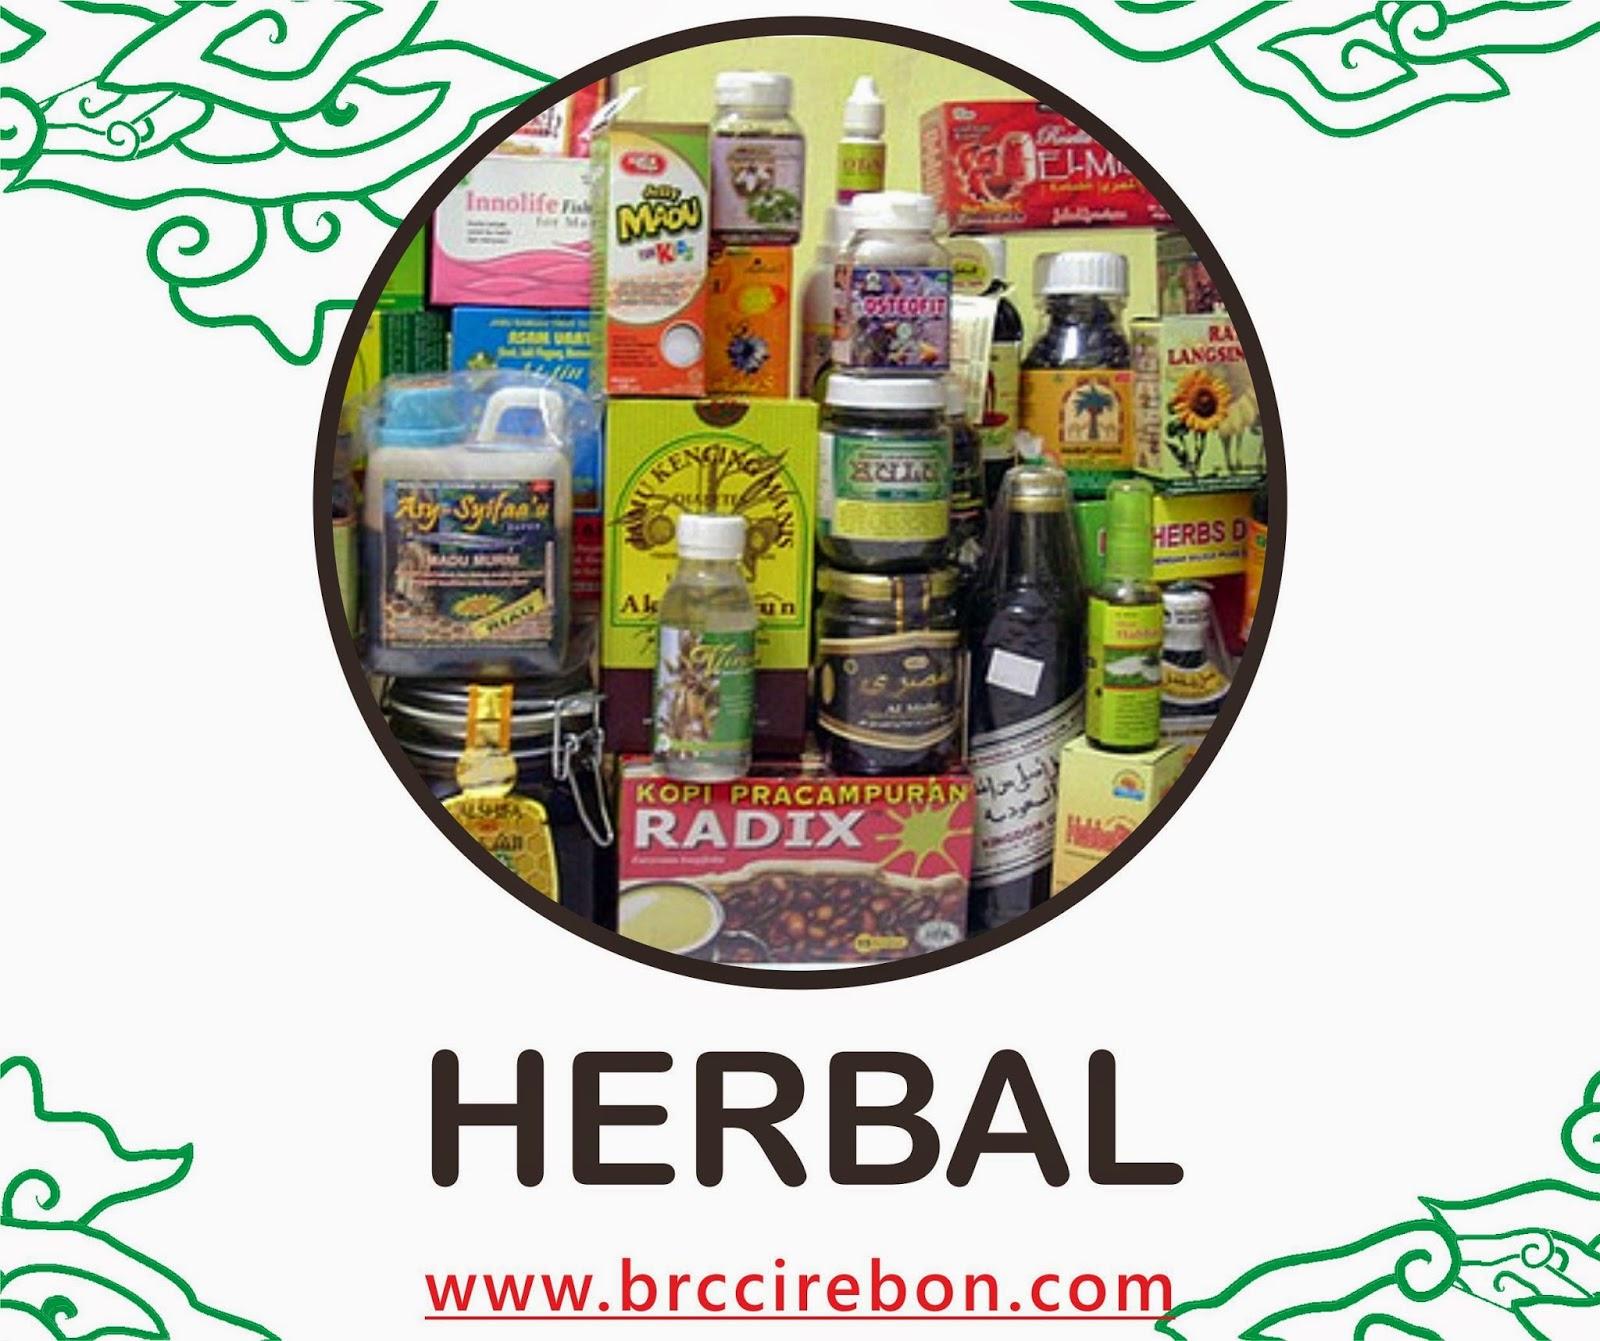 toko herbal assunah cirebon indramayu kuningan majalengka